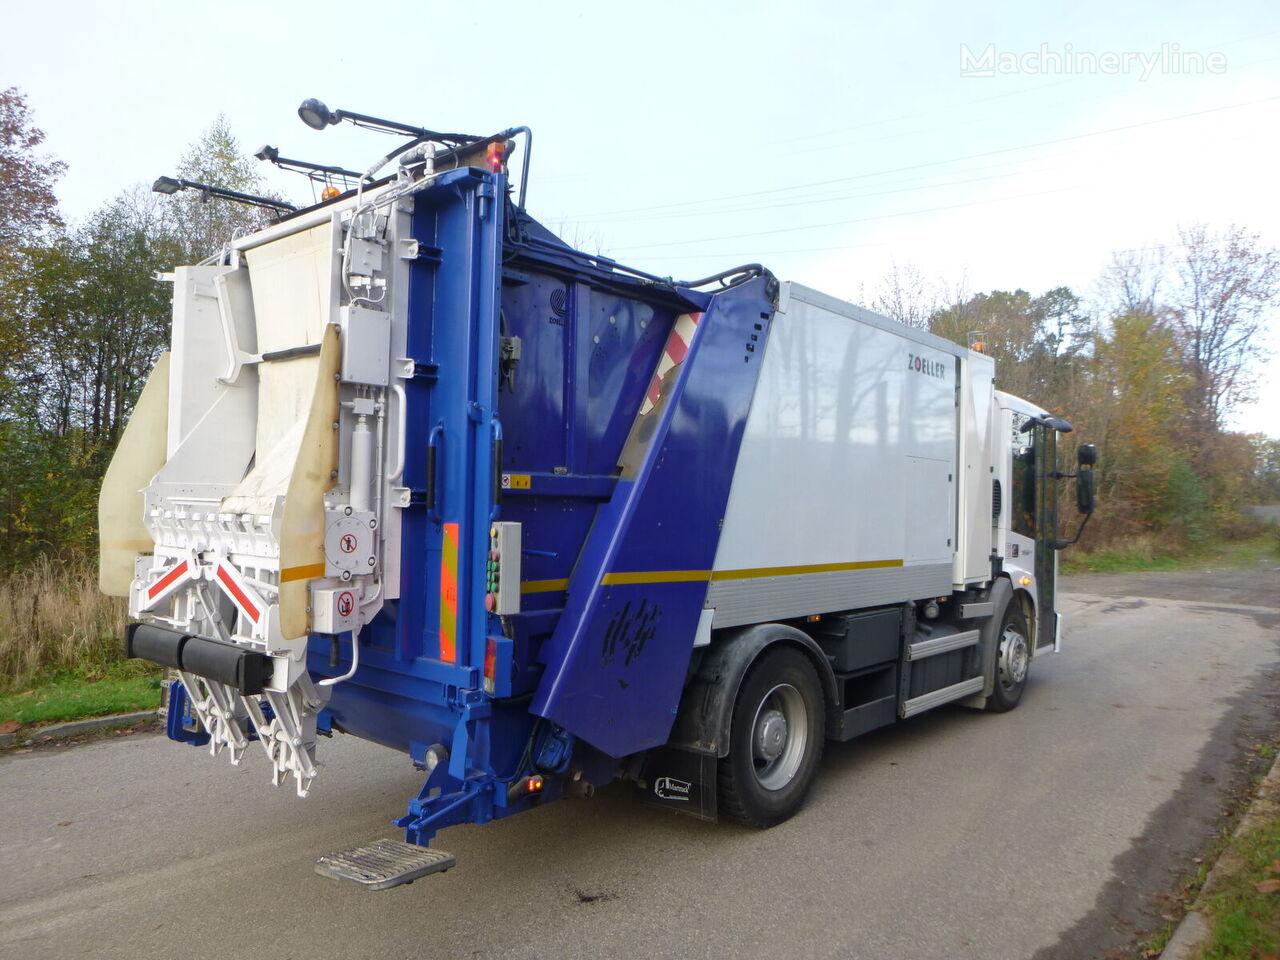 MERCEDES-BENZ Econic sprzedaż/wynajem, gwarancja, umowa serwisowa camión de basura